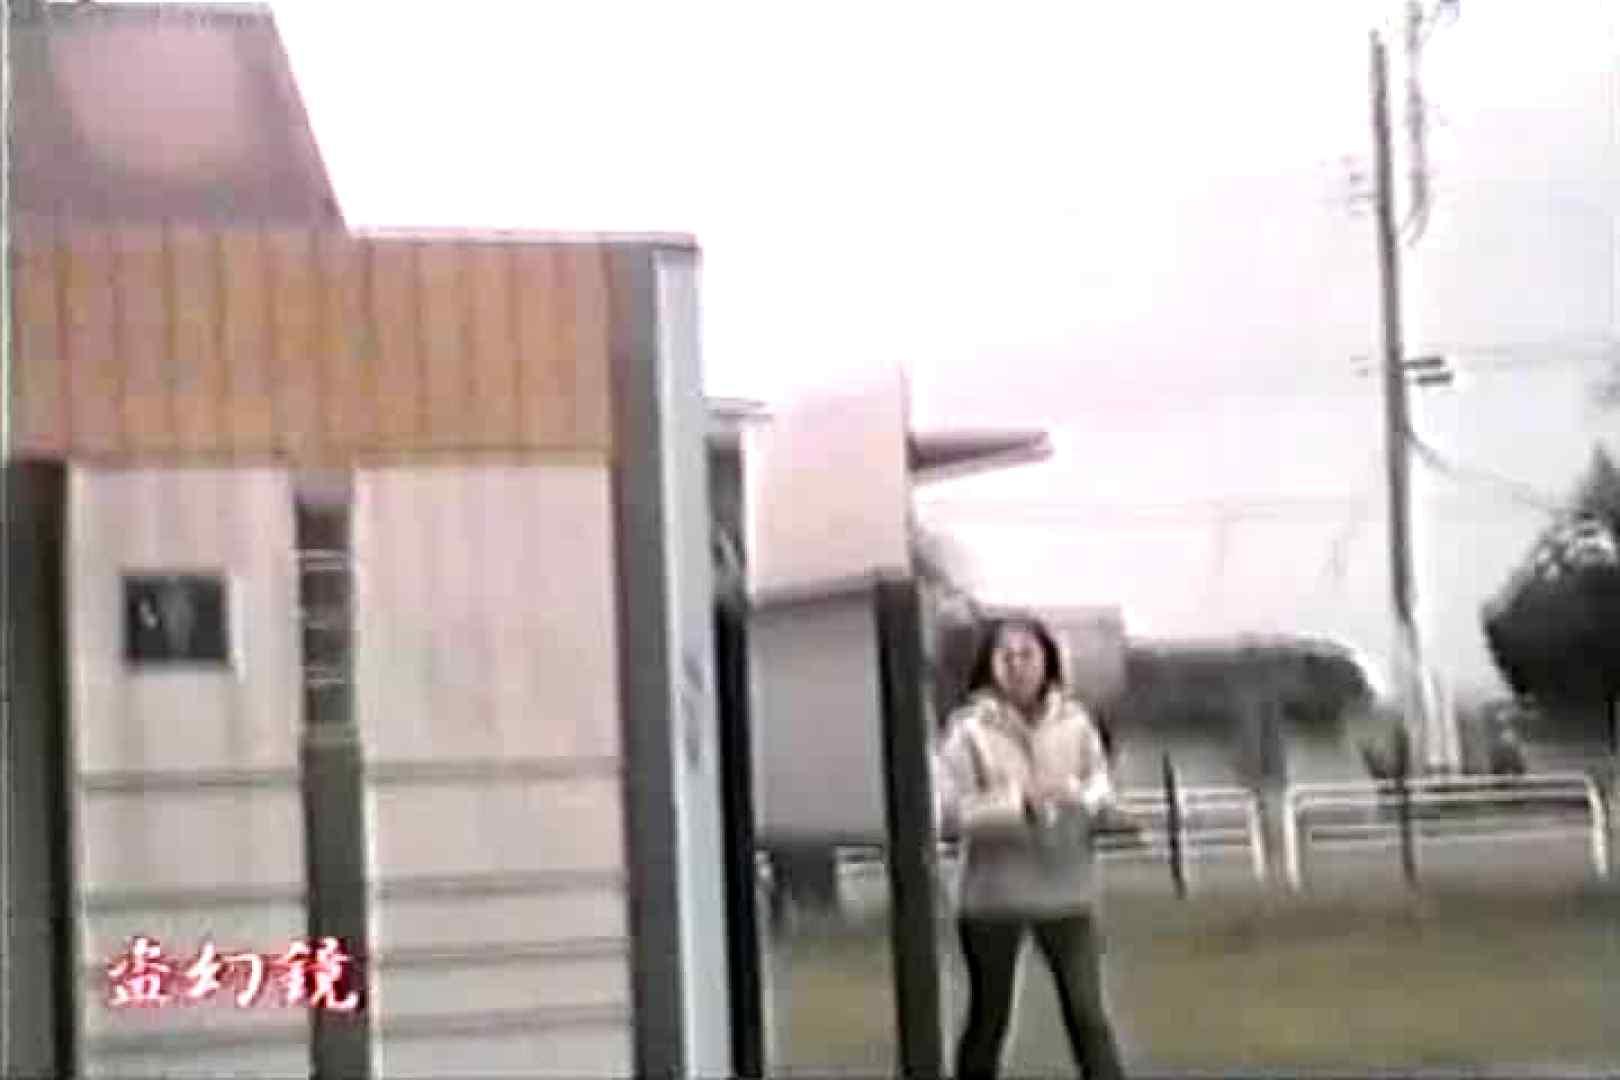 朝採り!快便臨海洗面所SFX-① 肛門 覗きオメコ動画キャプチャ 107画像 72